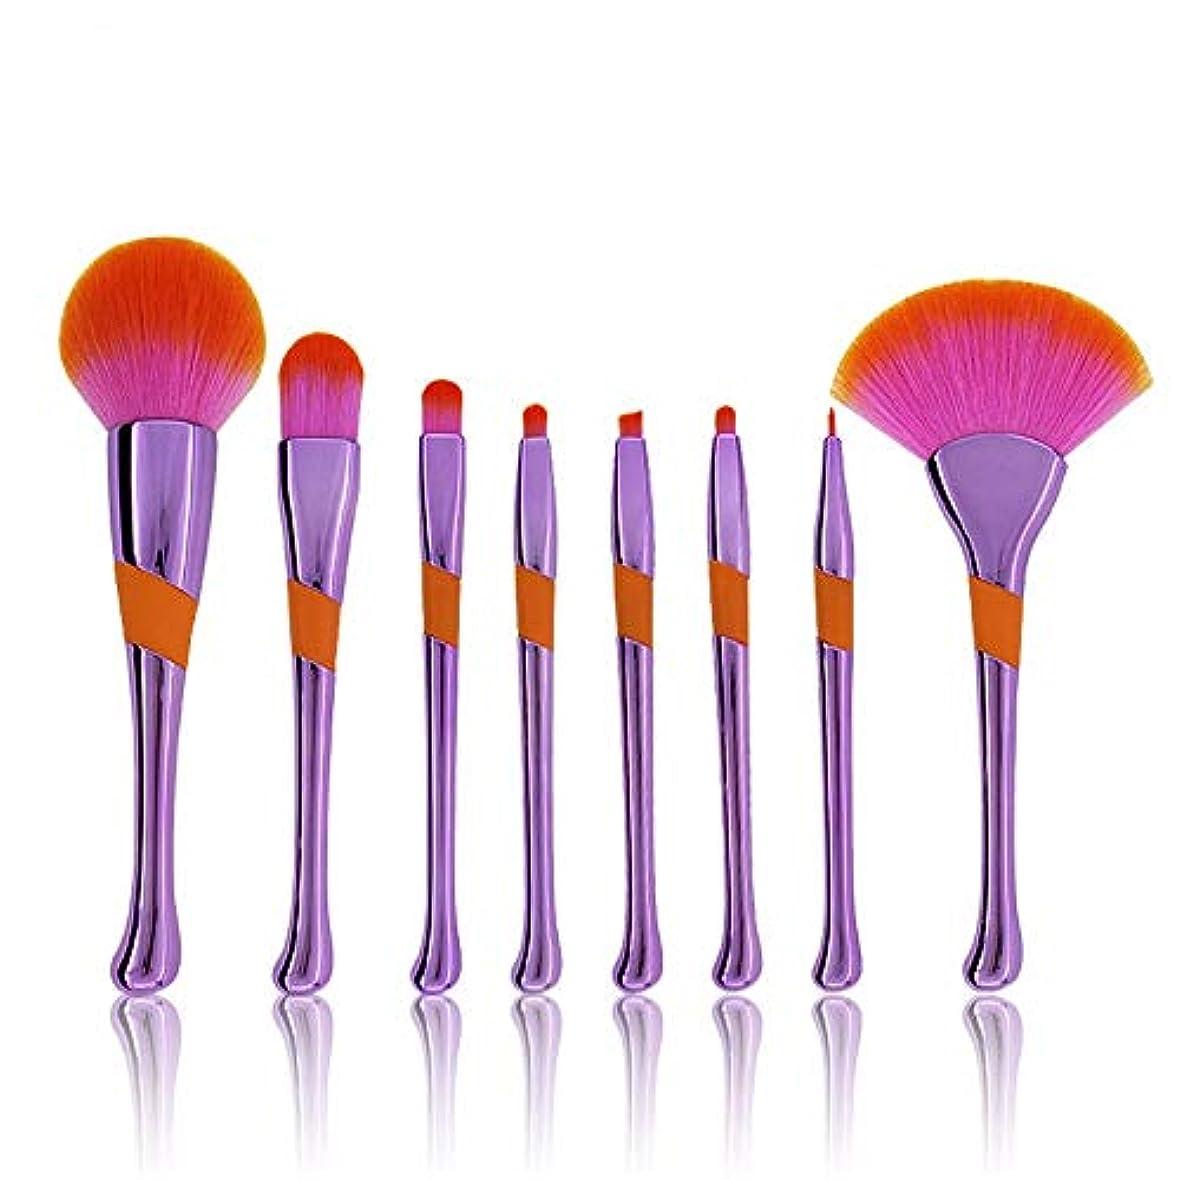 例示する必要とする月Makeup brushes 8ピースセットガールハートメイクブラシフリーパウダーブラシアイシャドウブラシブラッシュブラシ suits (Color : Purple)